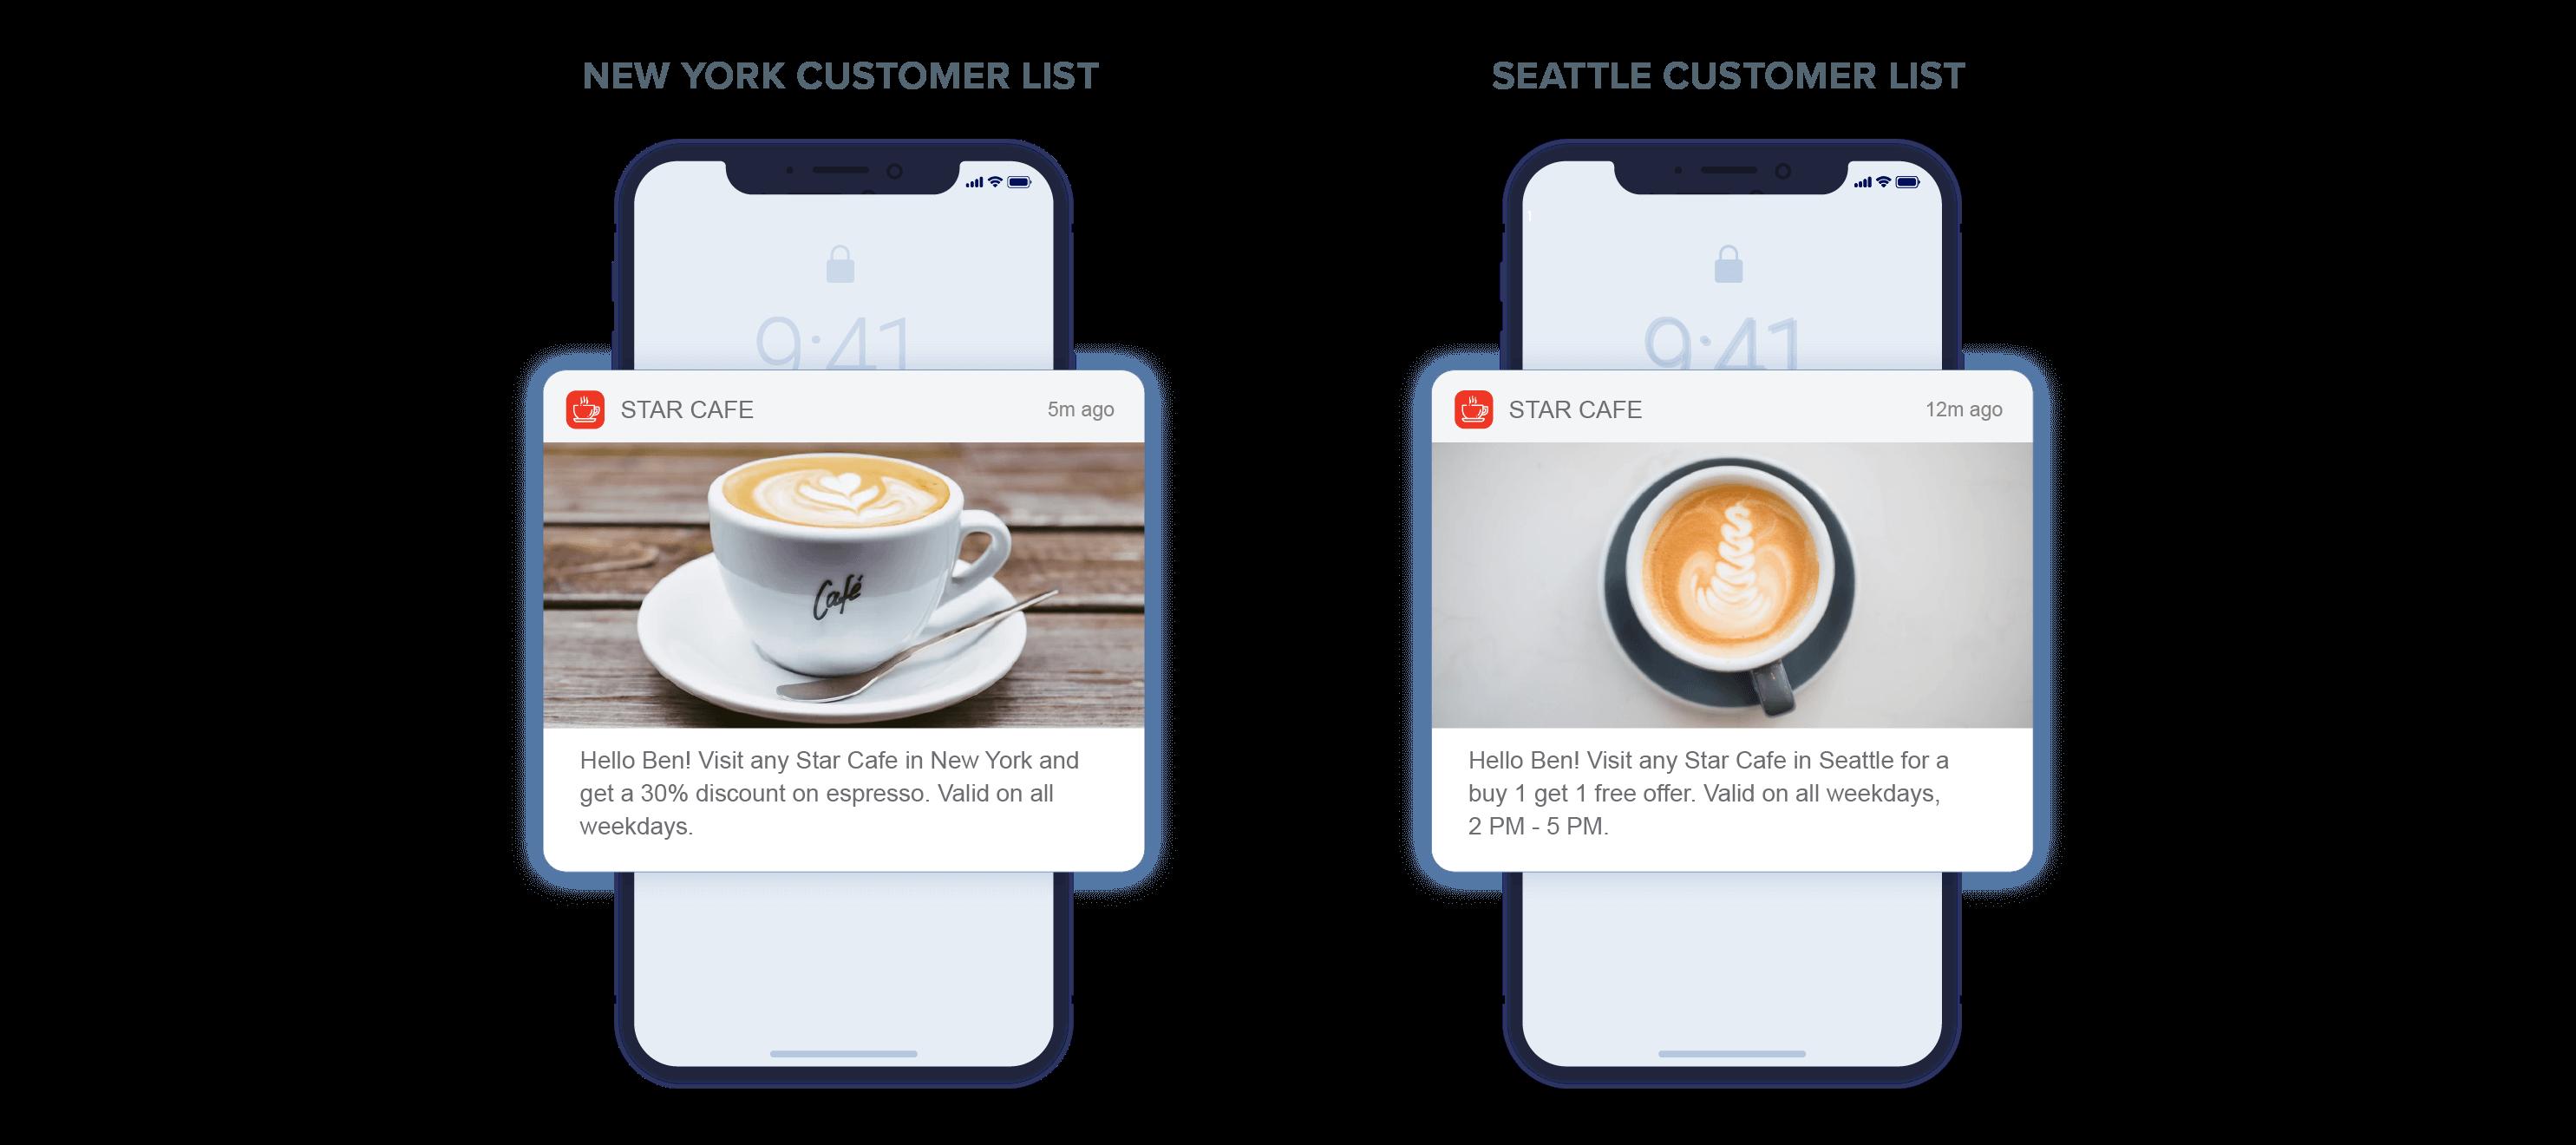 Custom List Features